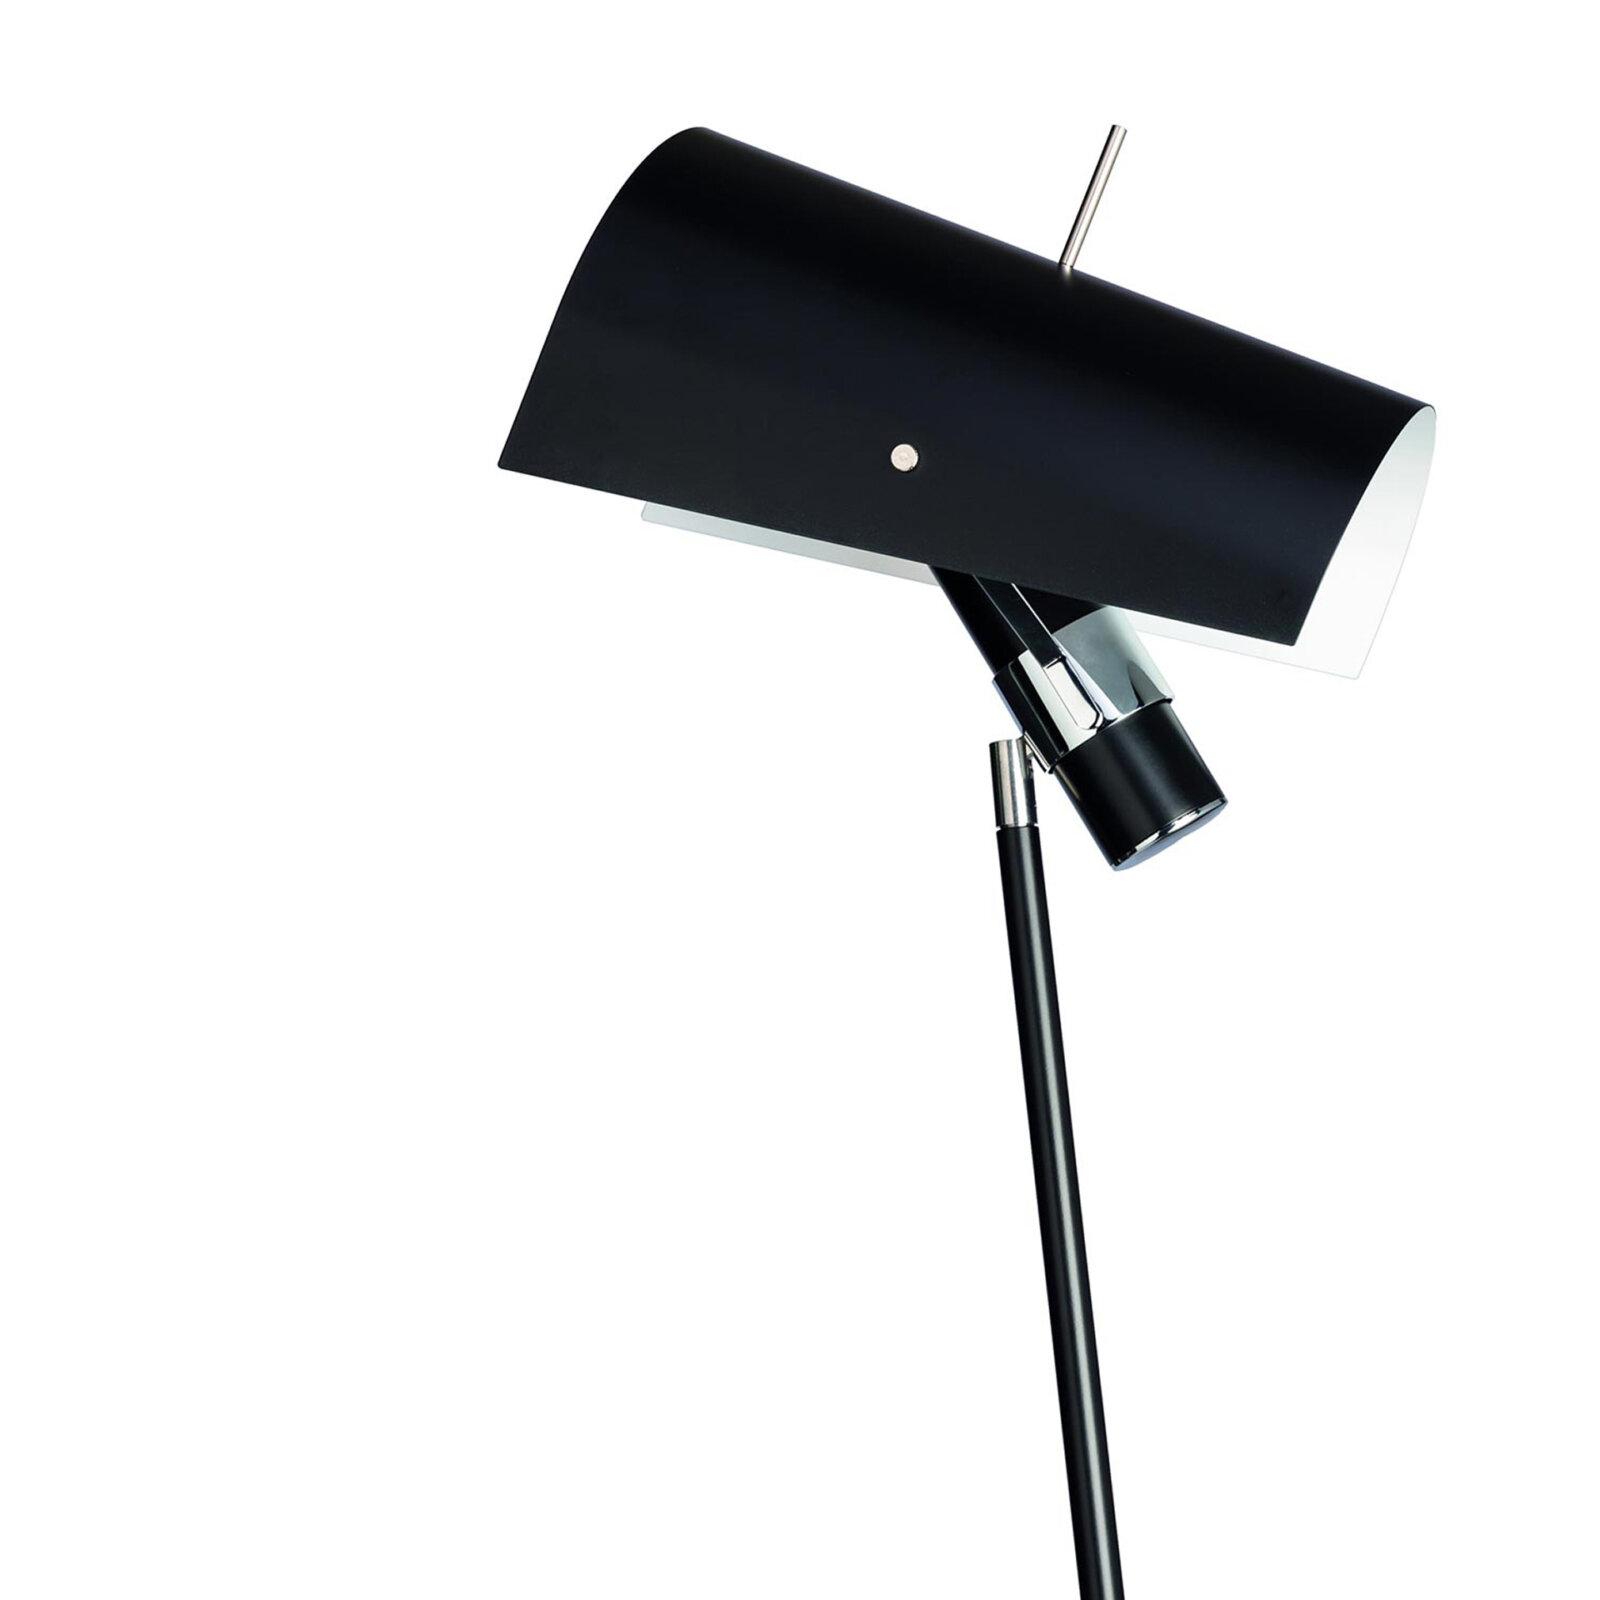 TinnappleMetz-nemo-claritas-floor-lamp-02